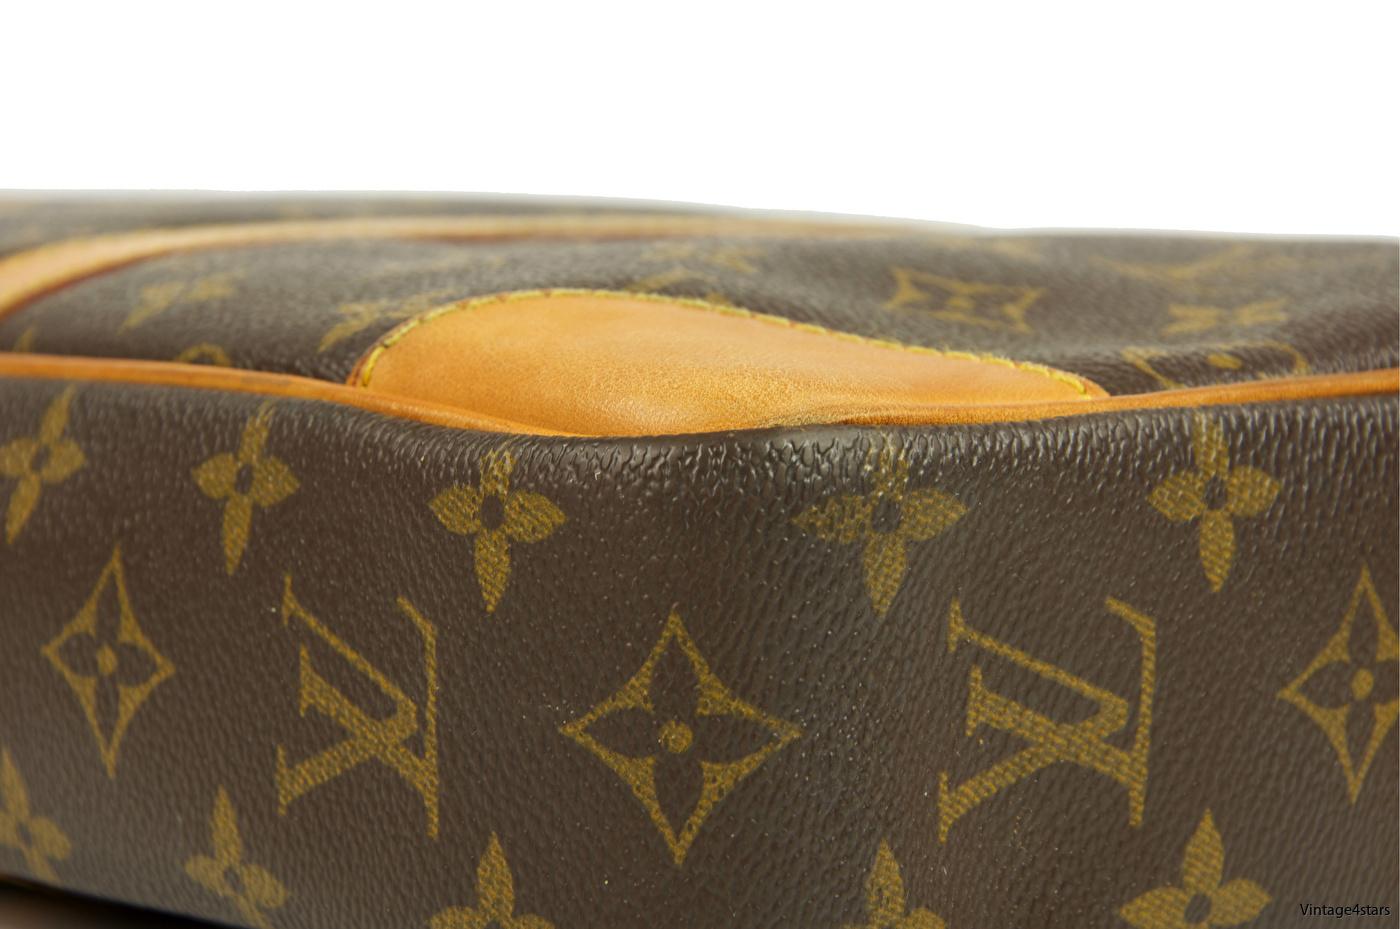 Louis Vuitton Porte-Documents 11